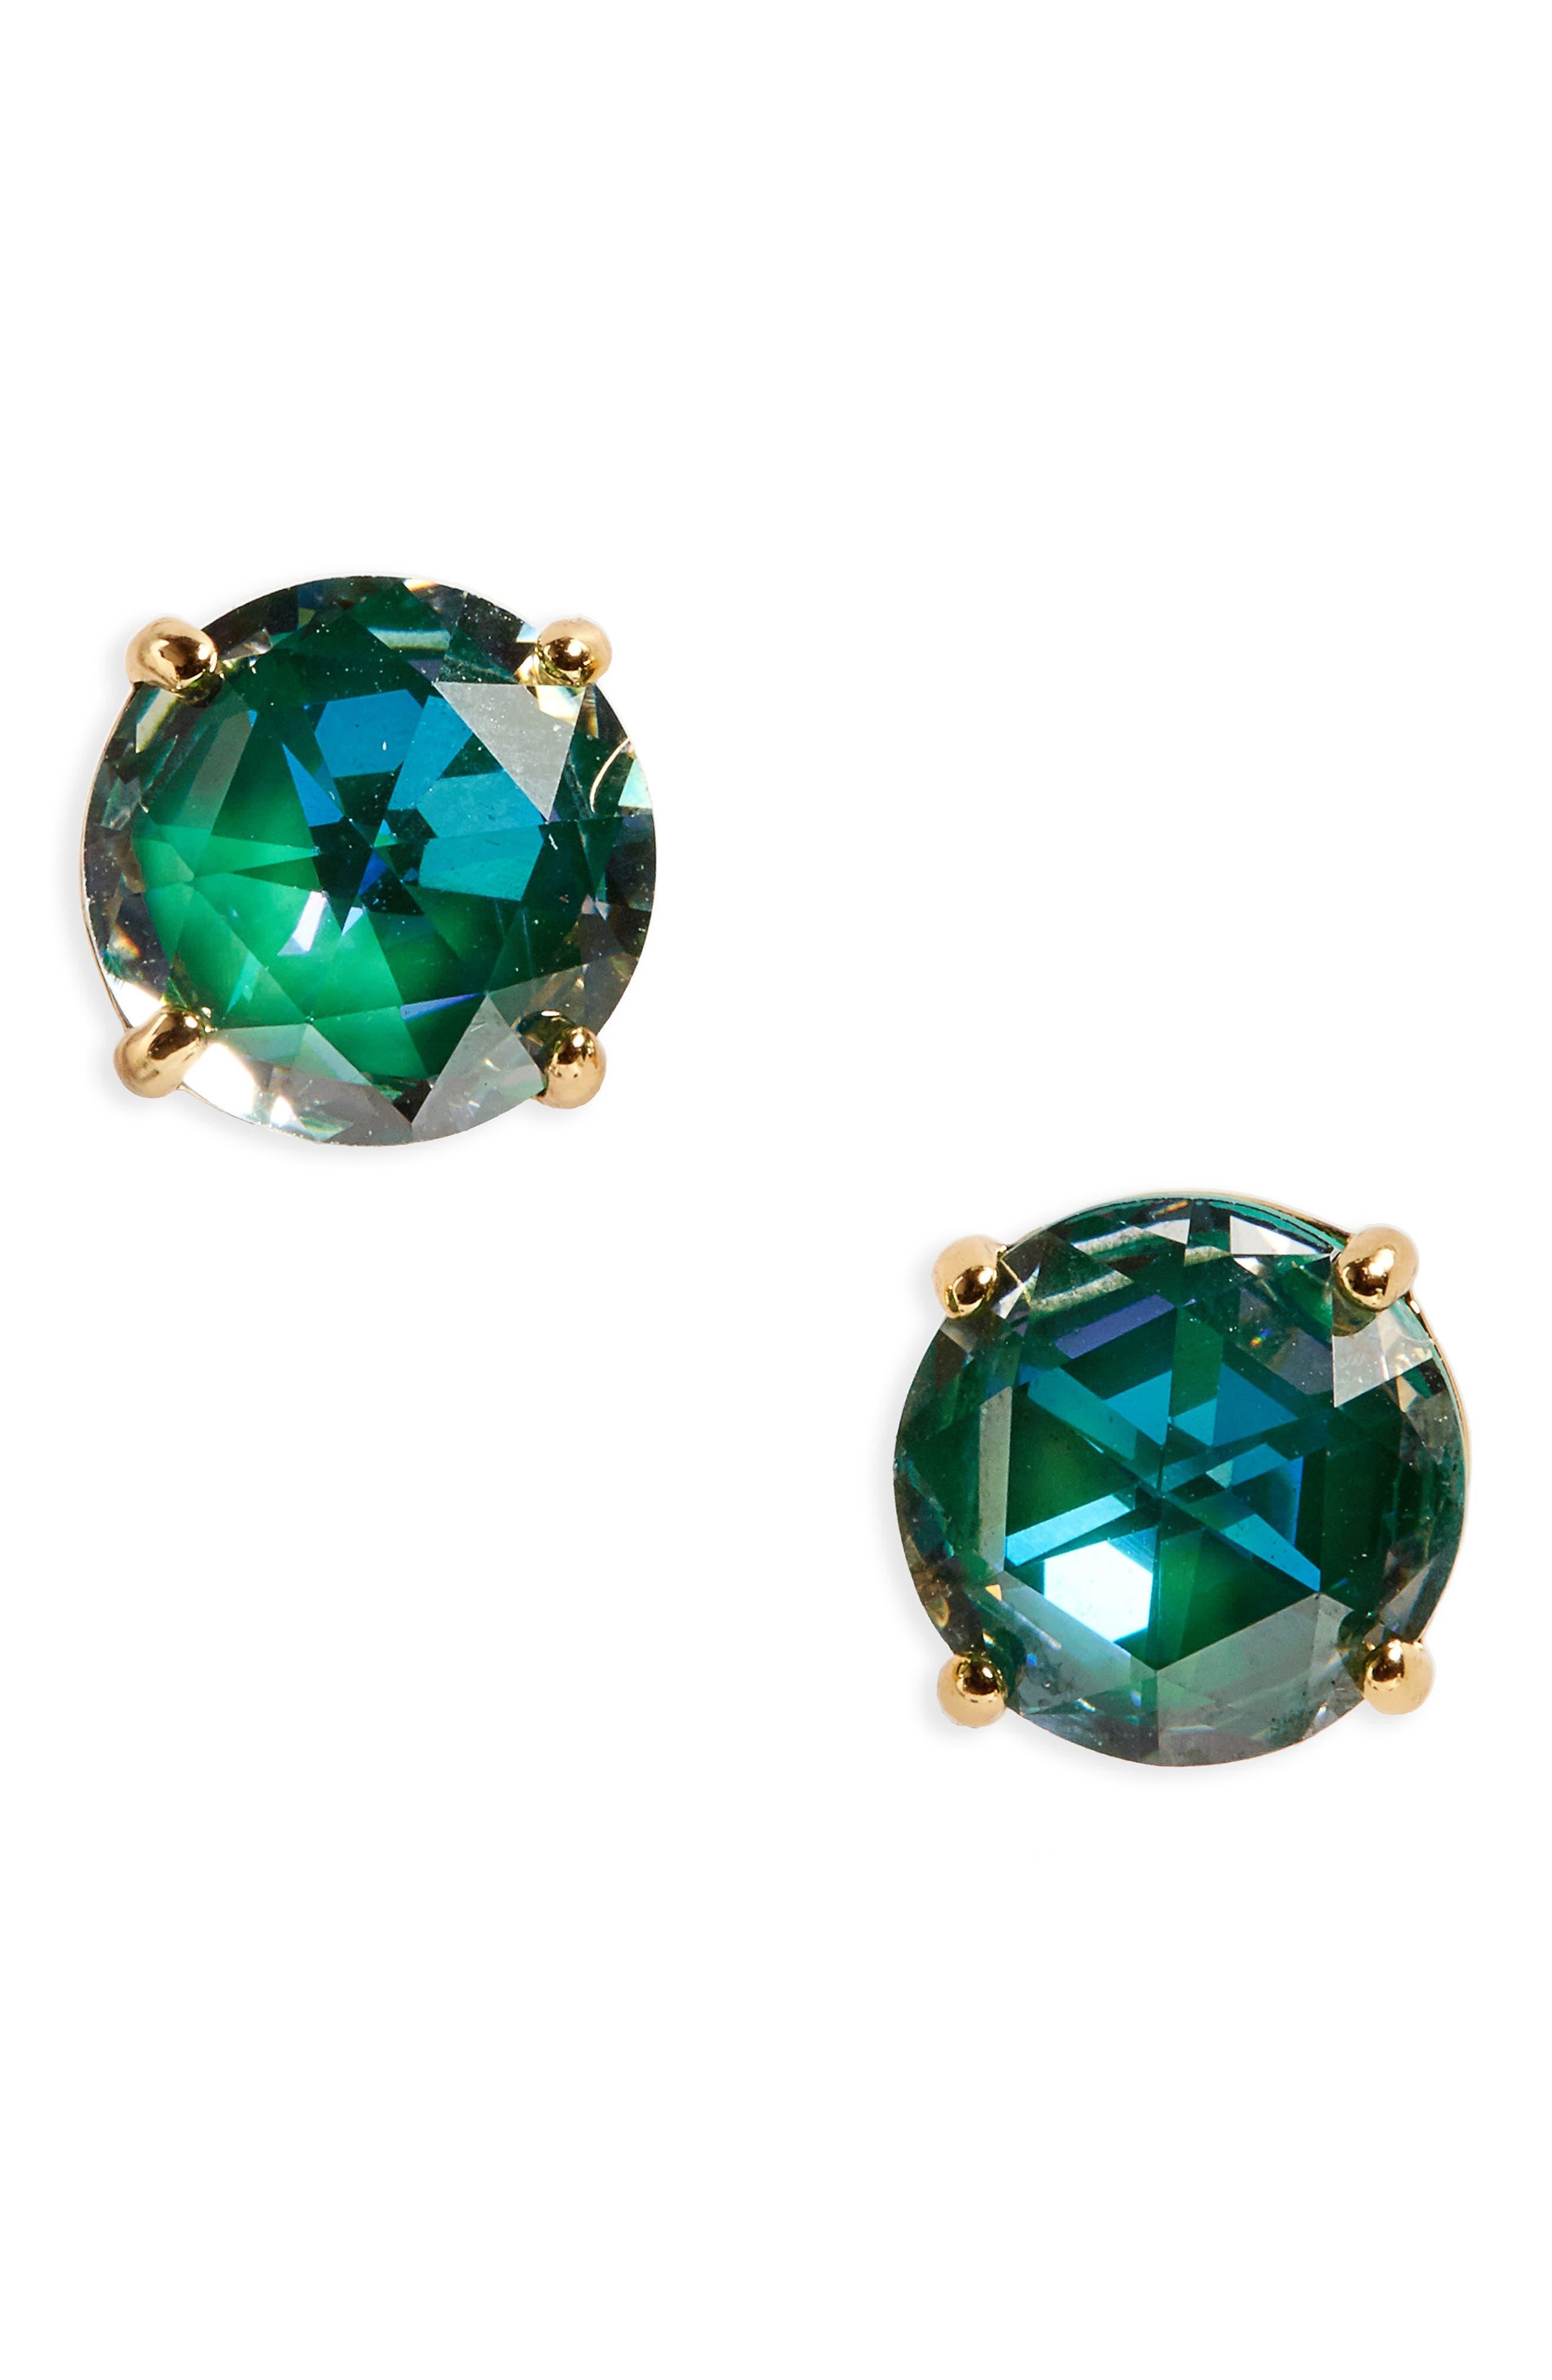 Main Image - kate spade new york bright idea stud earrings